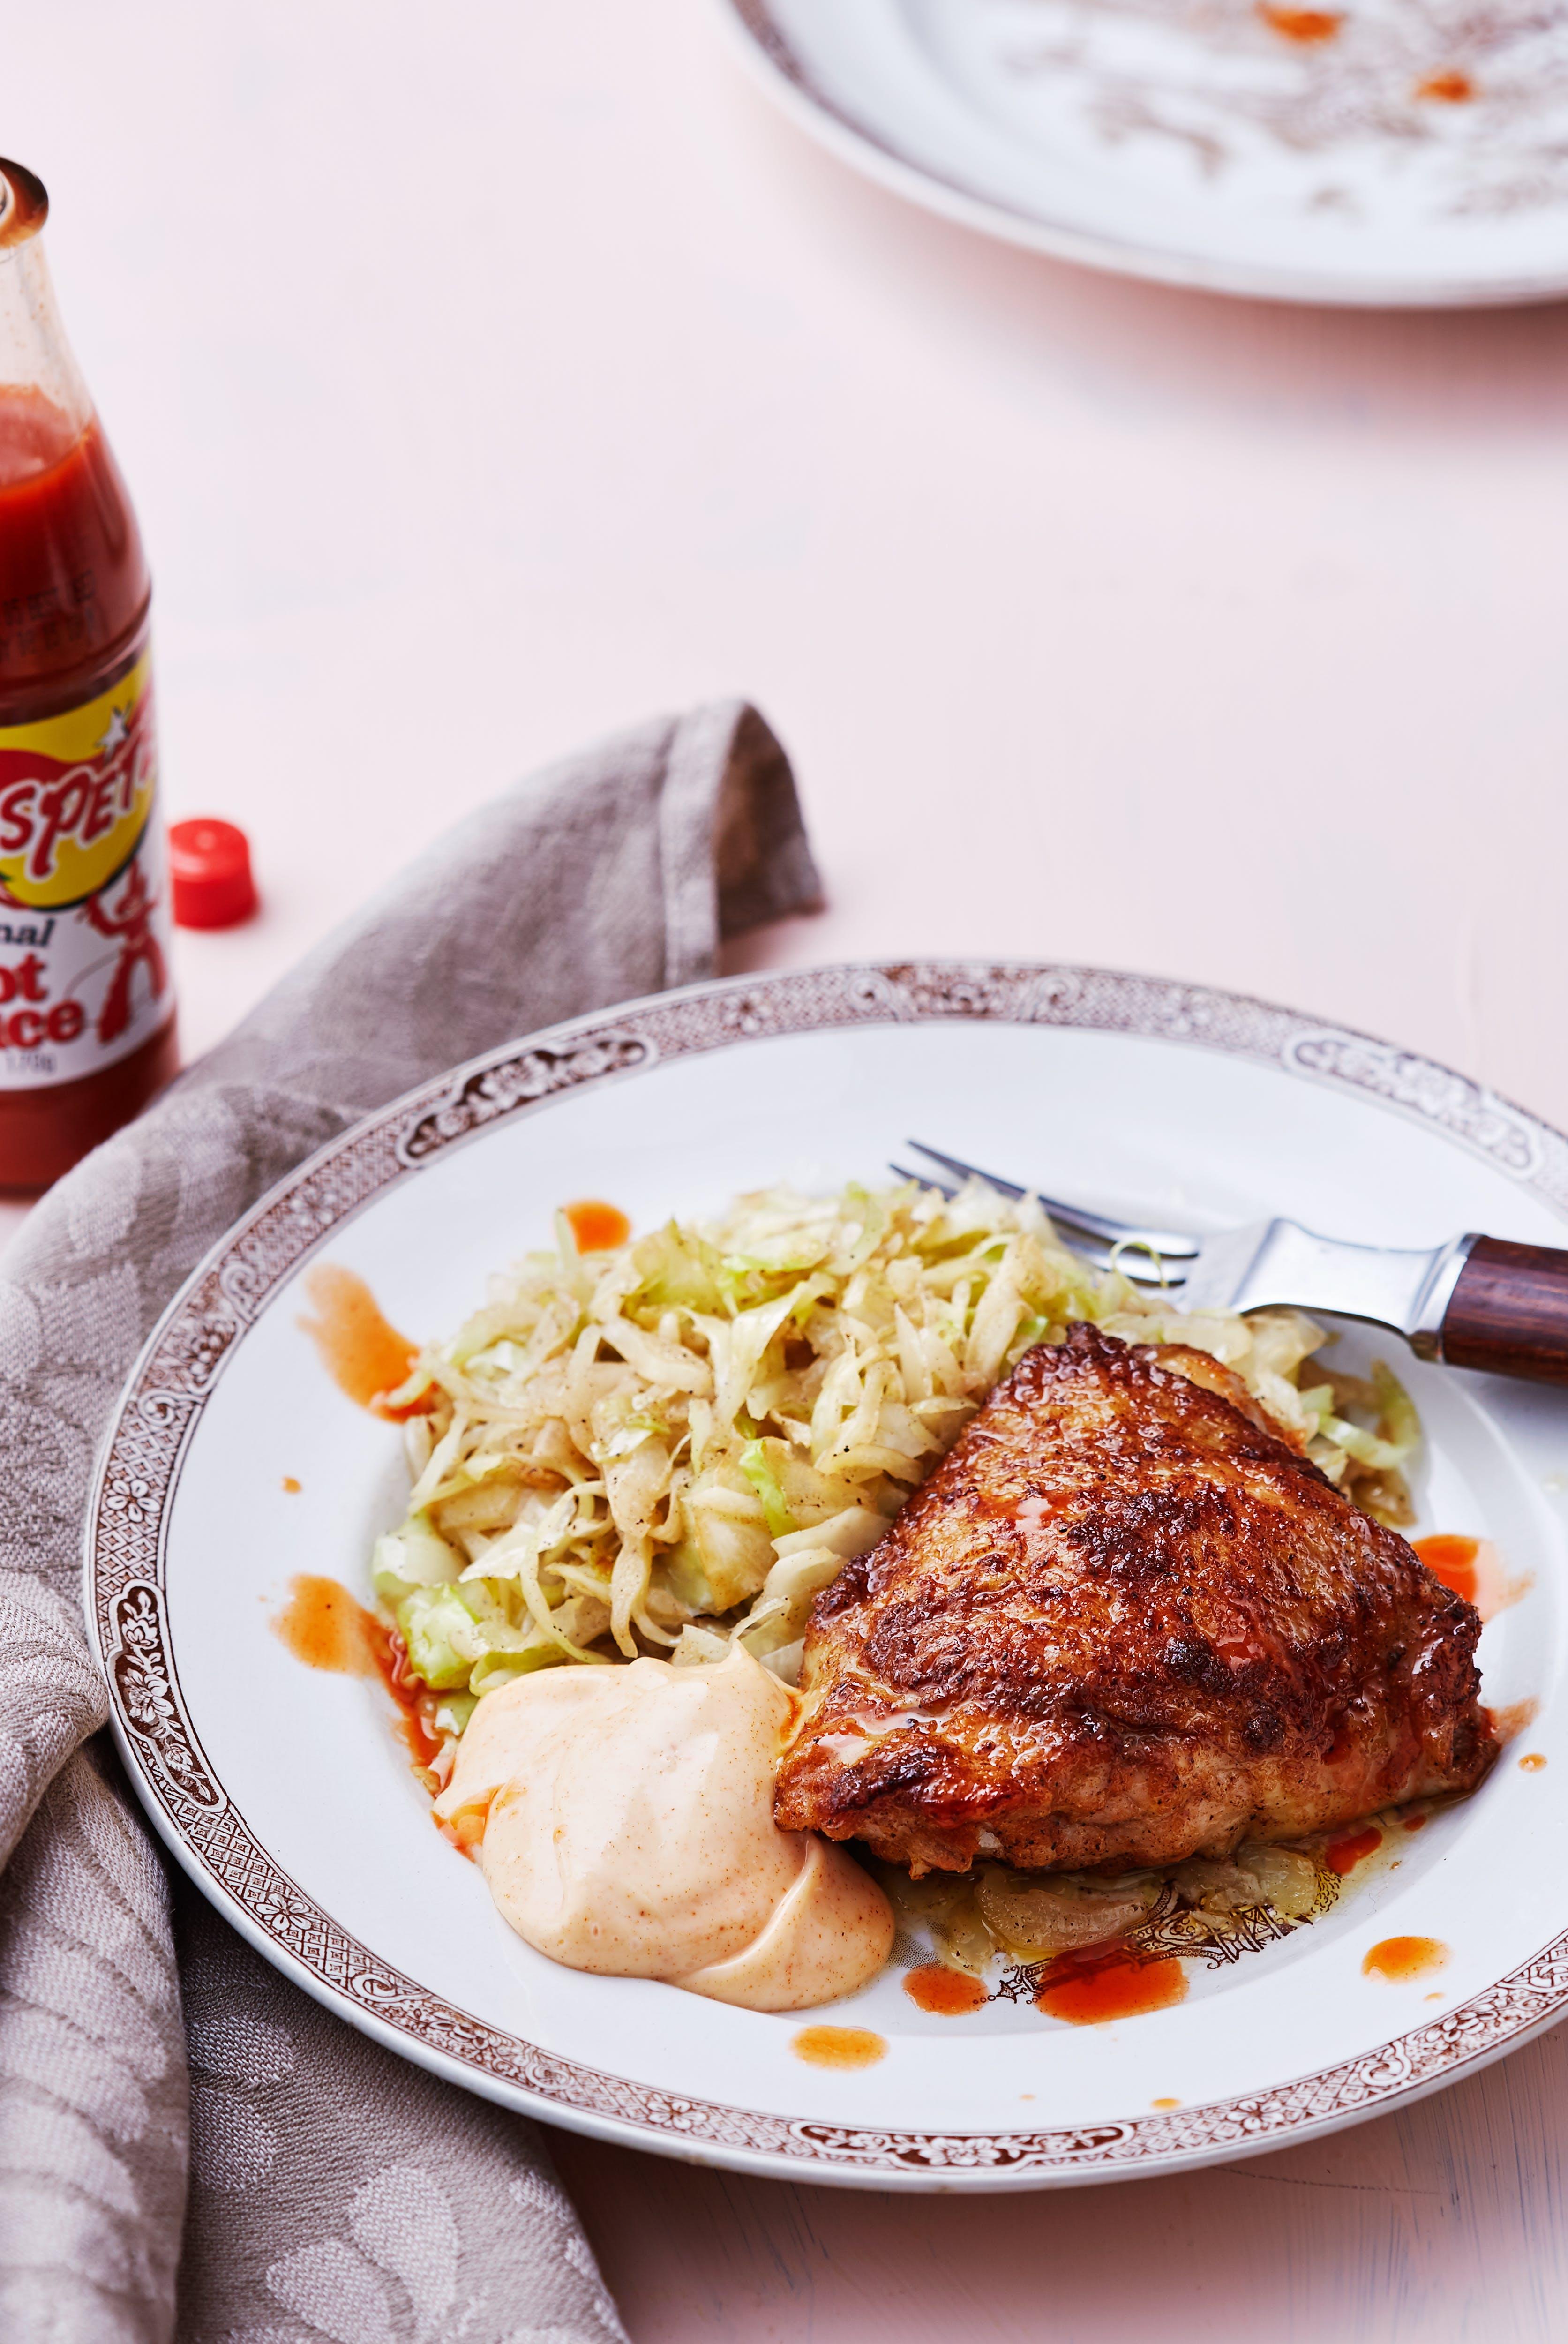 Pollo estilo Buffalo con mayonesa de paprika y repollo frito en mantequilla